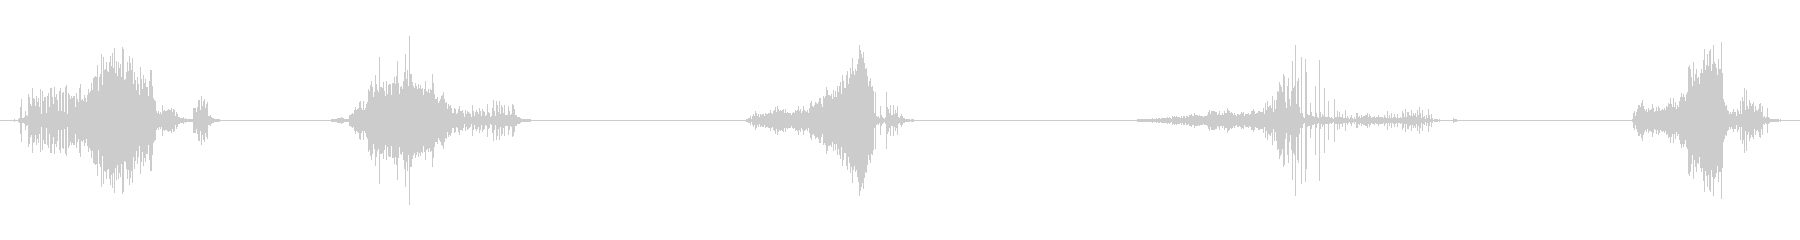 ジッパー、薄い、中程度の動きx5の未再生の波形